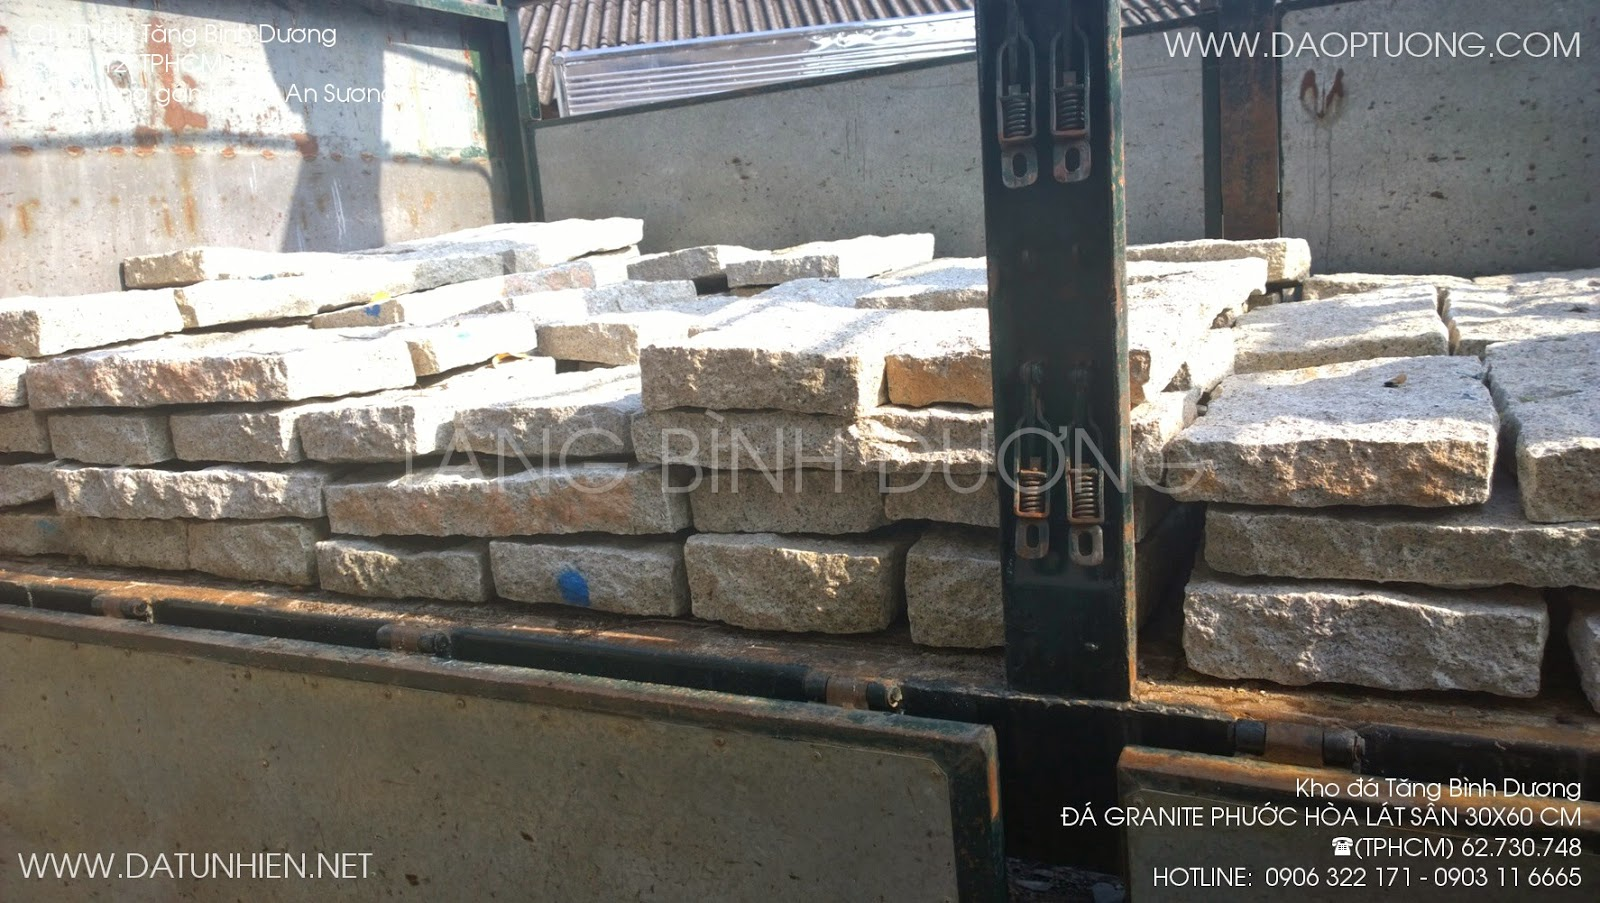 Xe tải bỏ đá Phước Hòa lát sân 30x60 cm